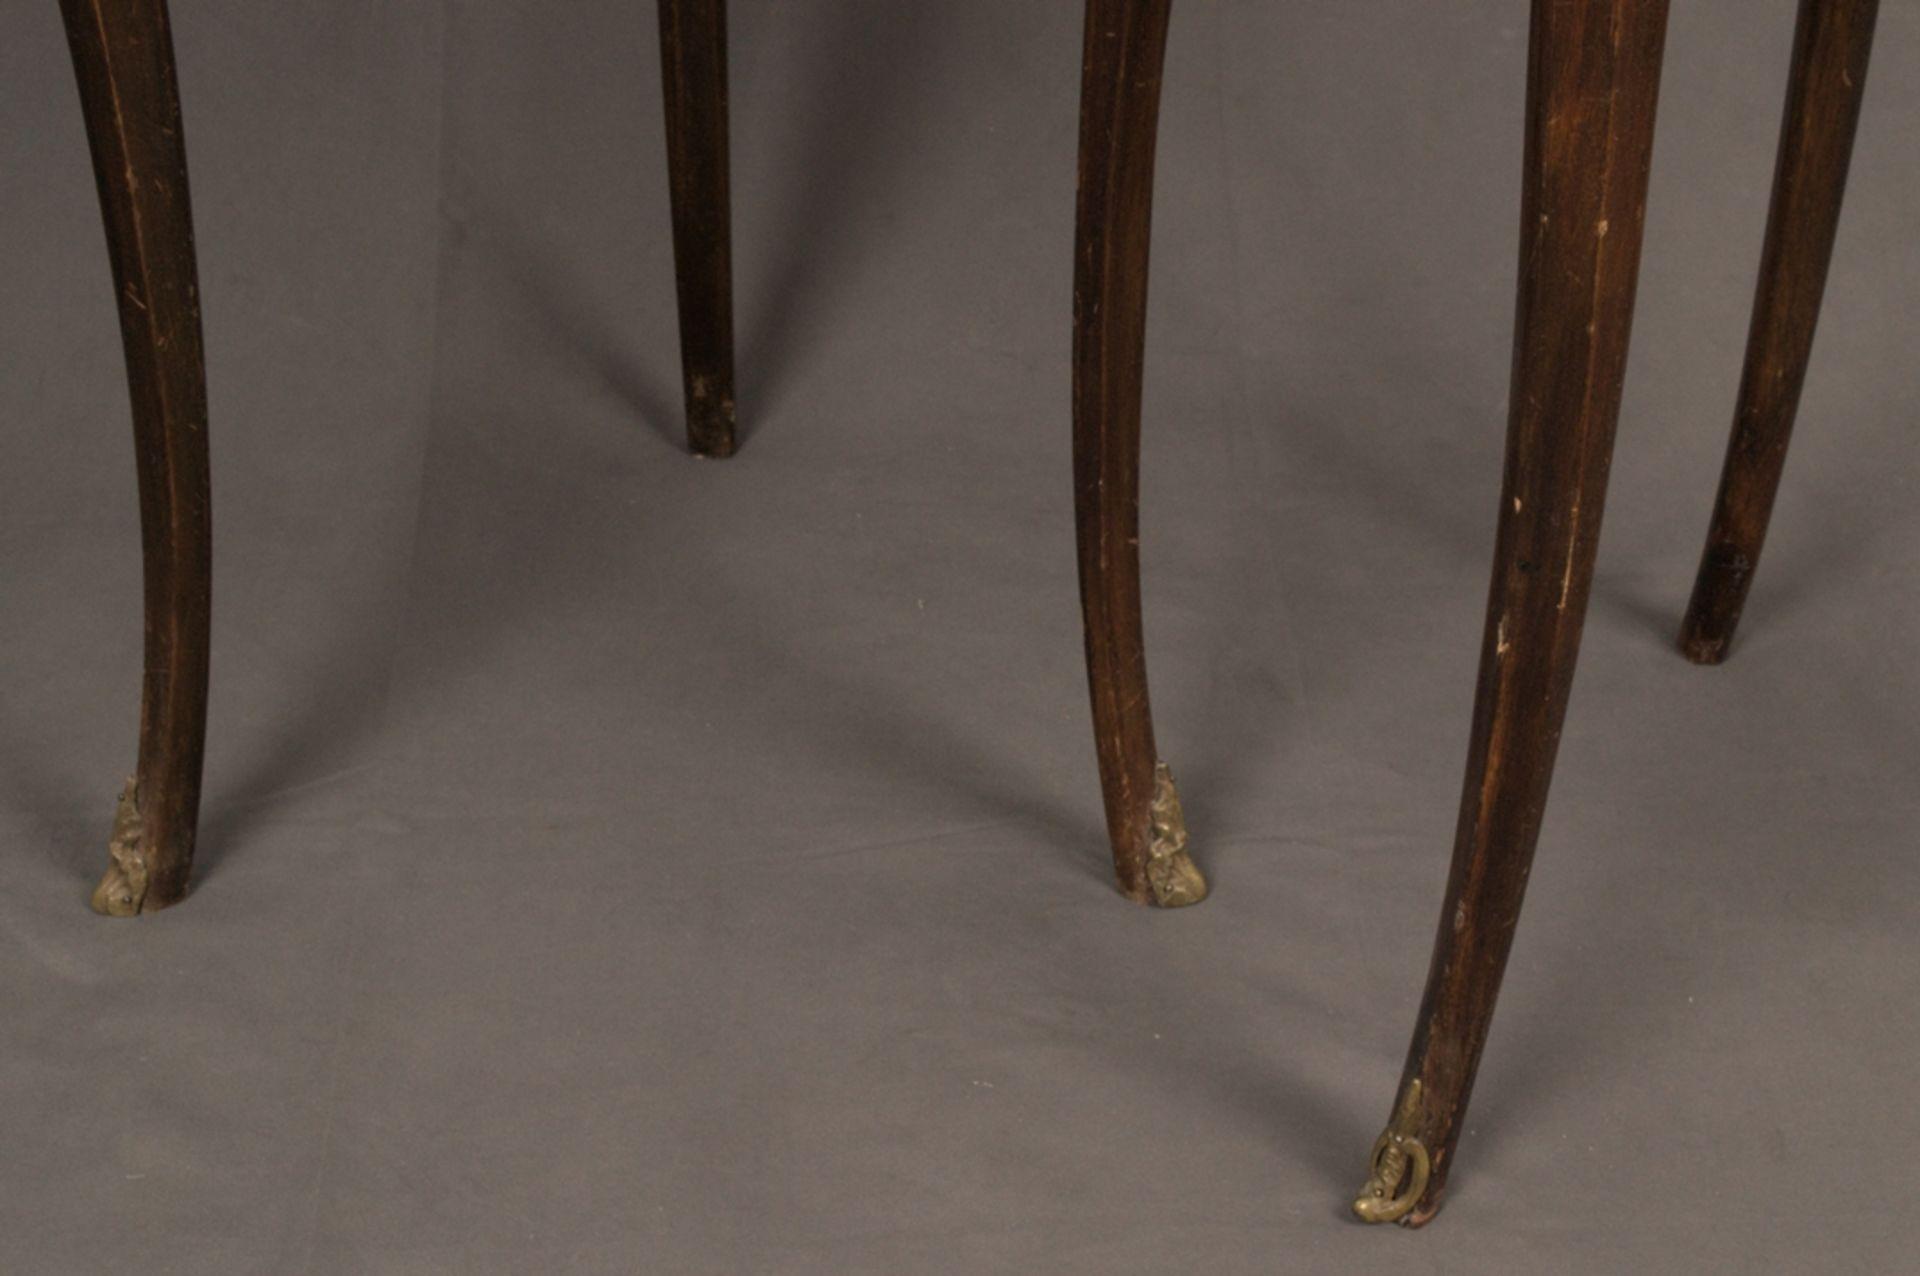 Paar eleganter, dreibeiniger Beistelltische sog. Gueridons, Frankreich 19./20. Jhd. Eintüriger - Bild 10 aus 19